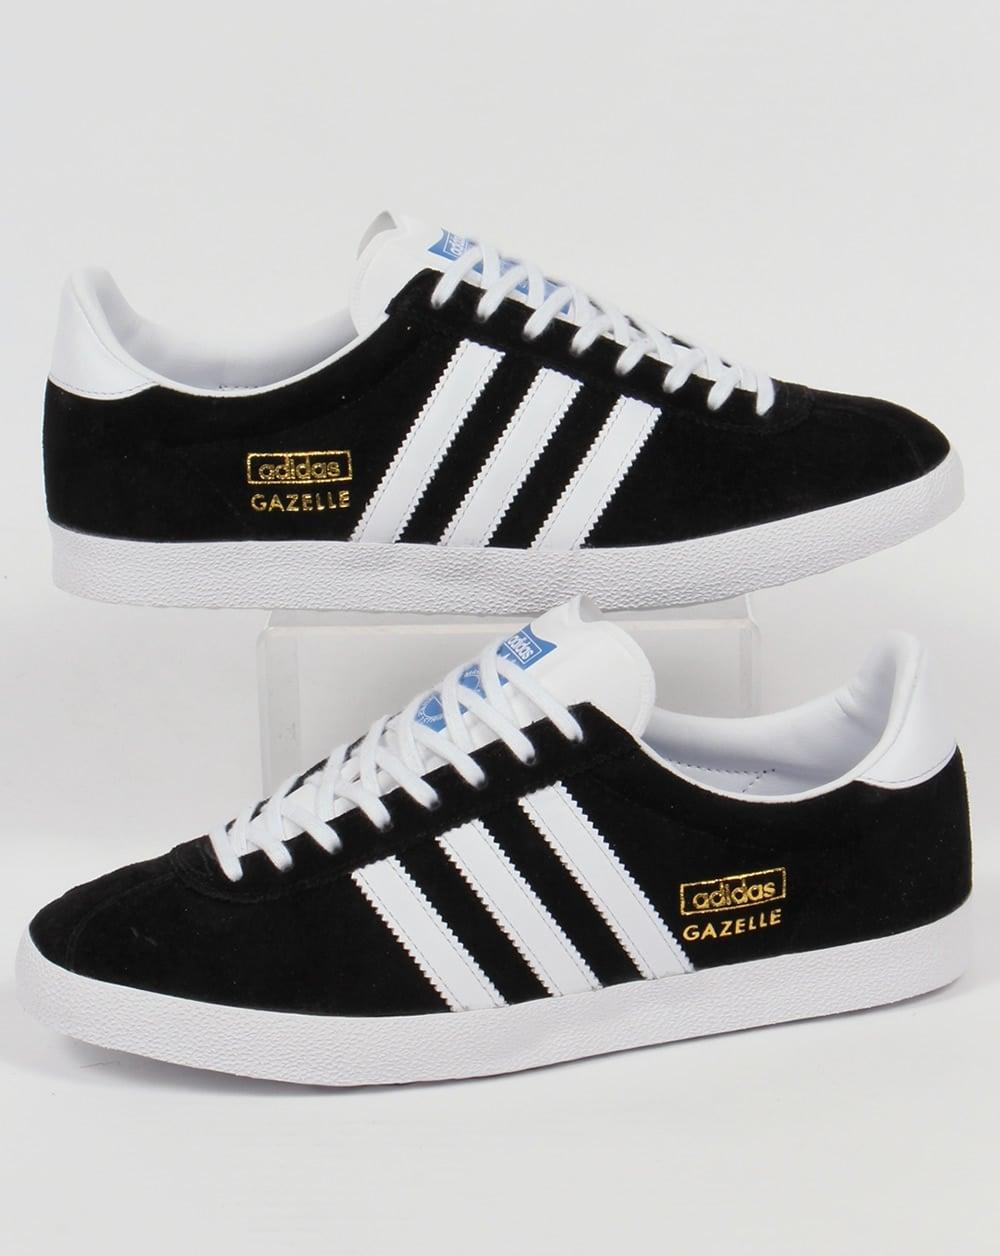 adidas gazelle 0g